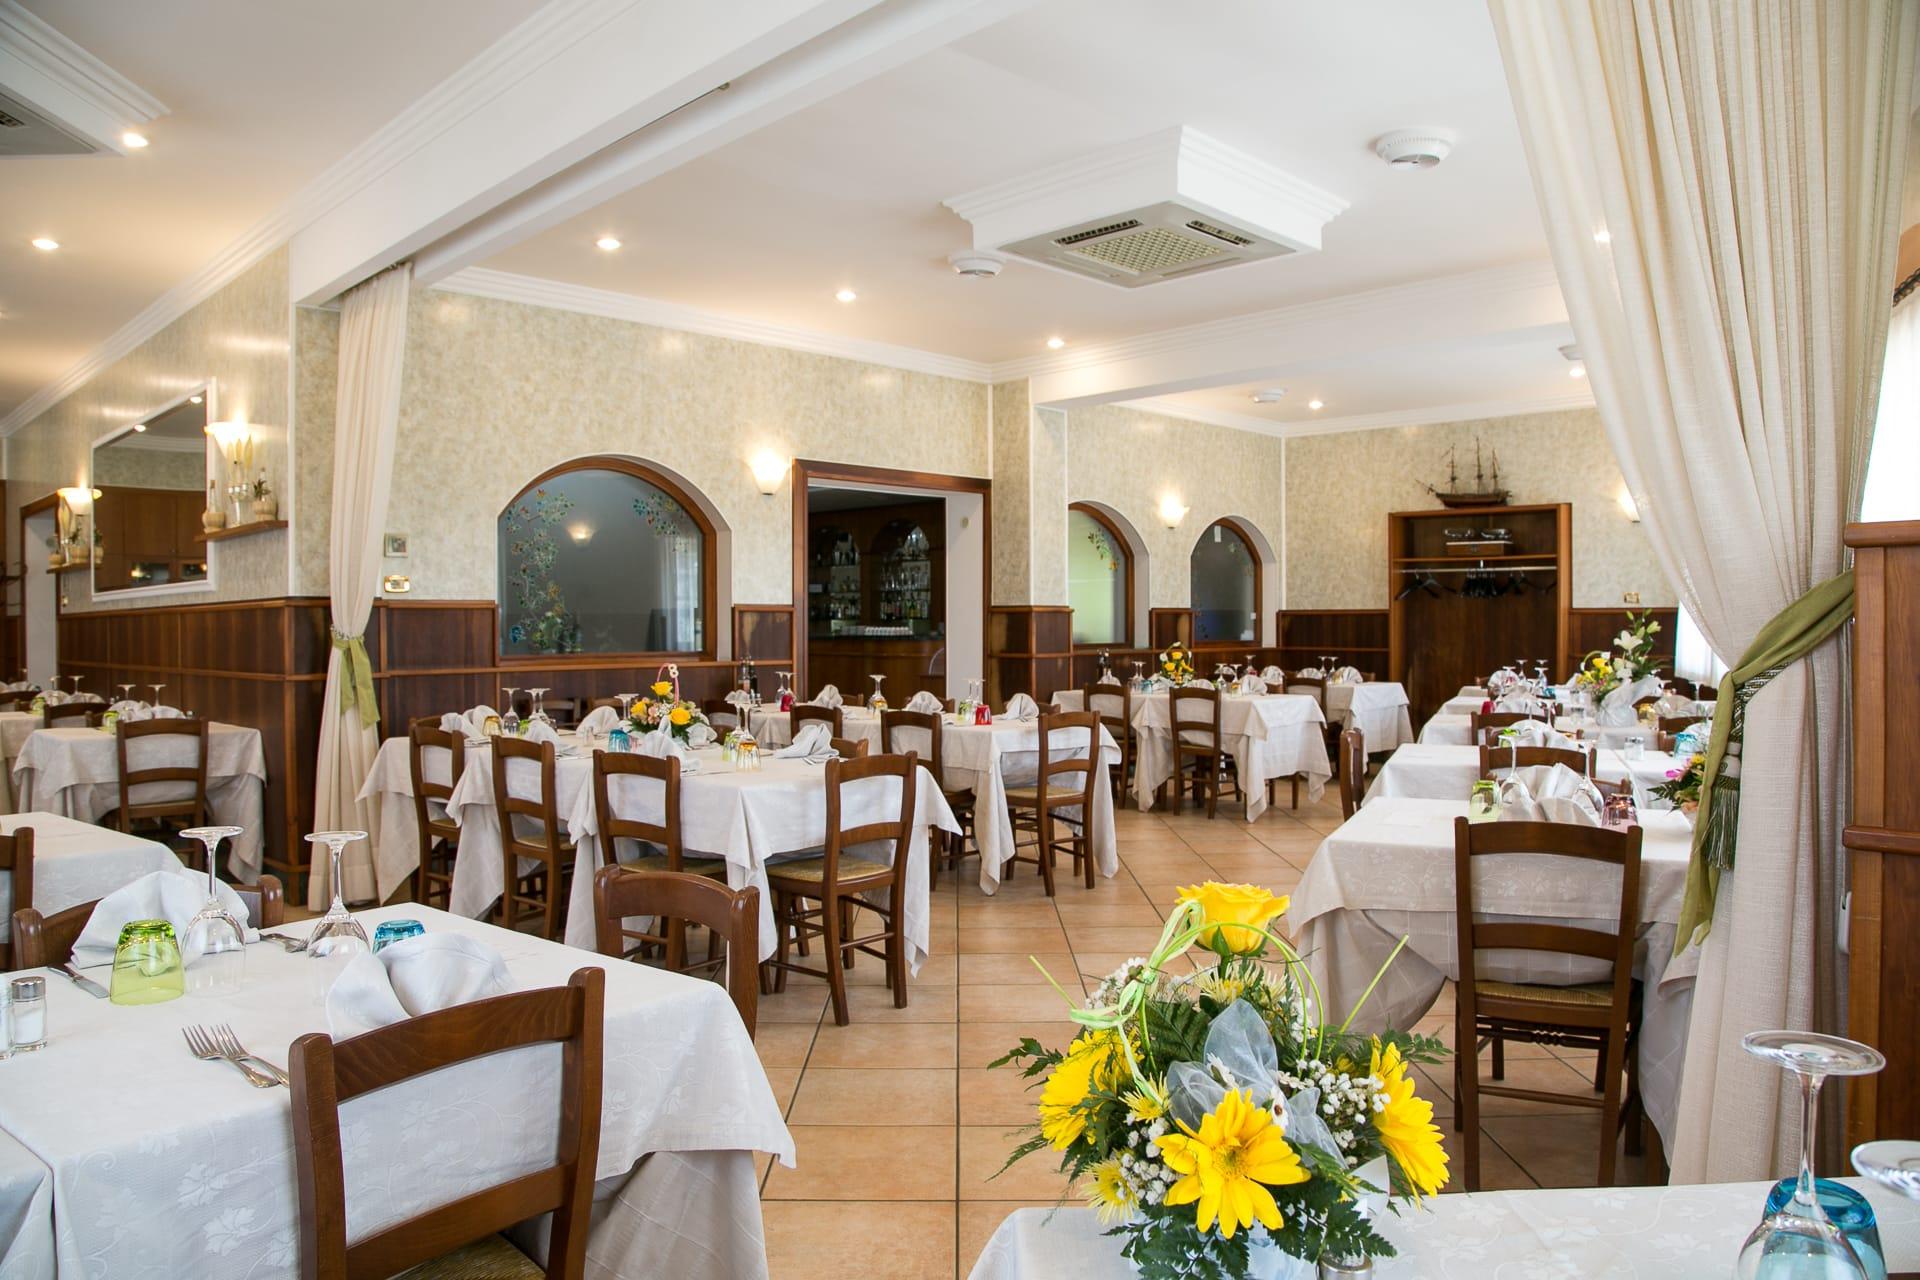 ristorante_mondino_tarquinia-28